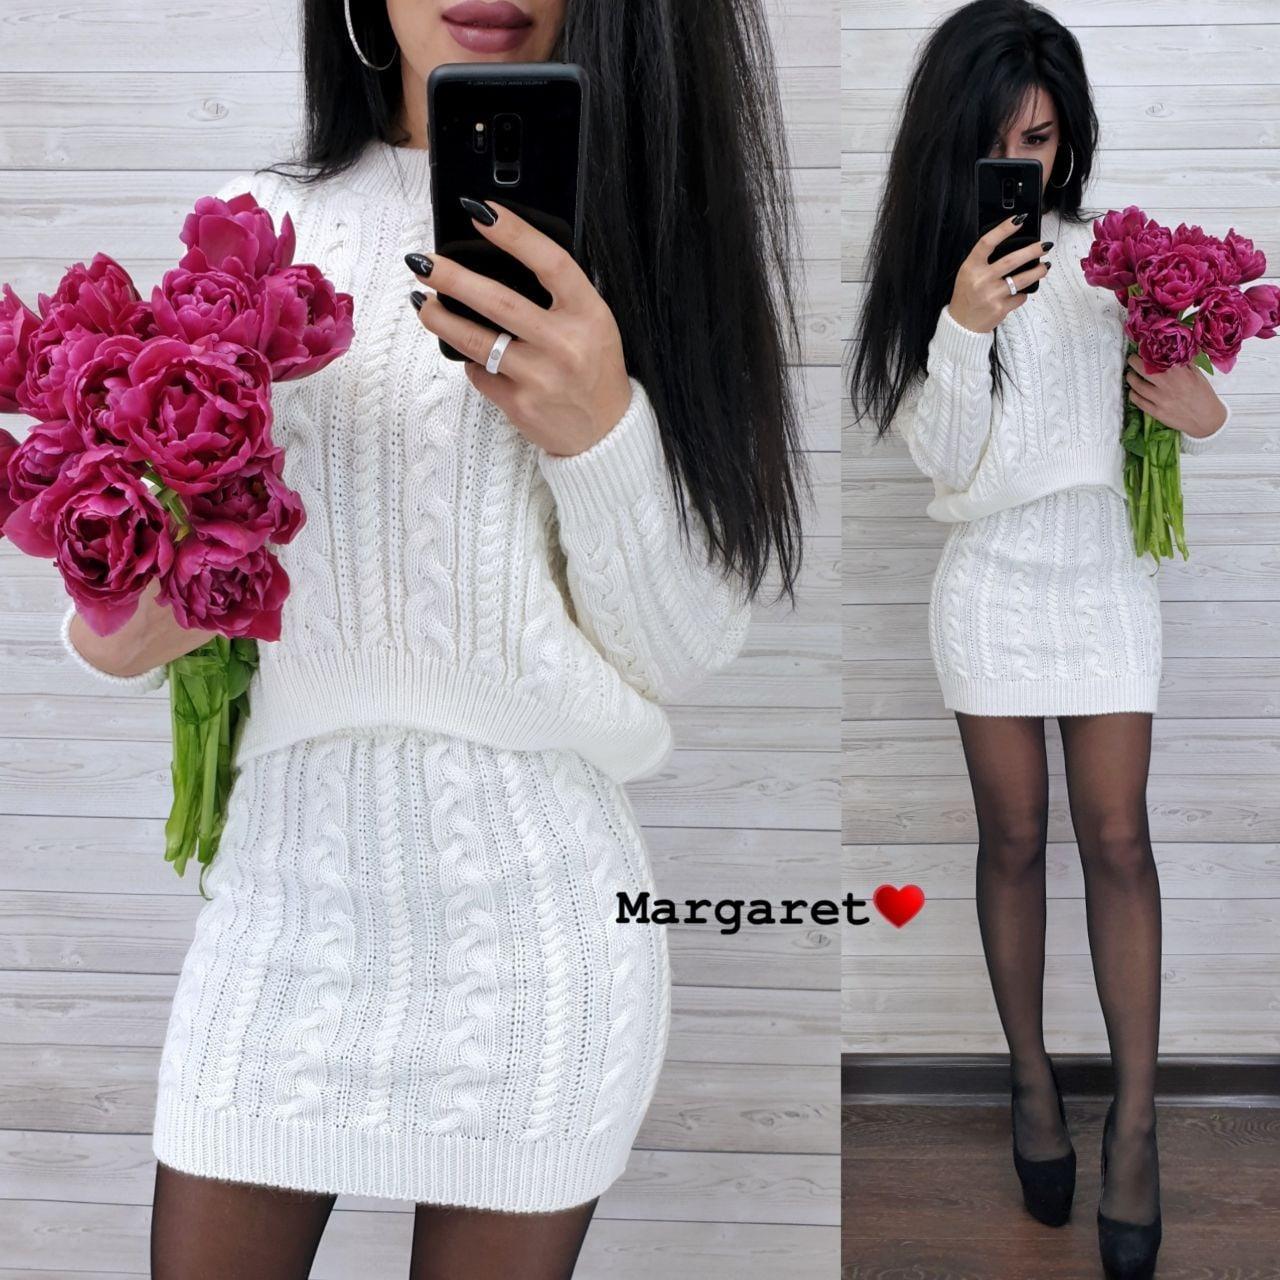 (р.42-44) Женский вязаный костюм кофтой и короткой юбкой vN7157